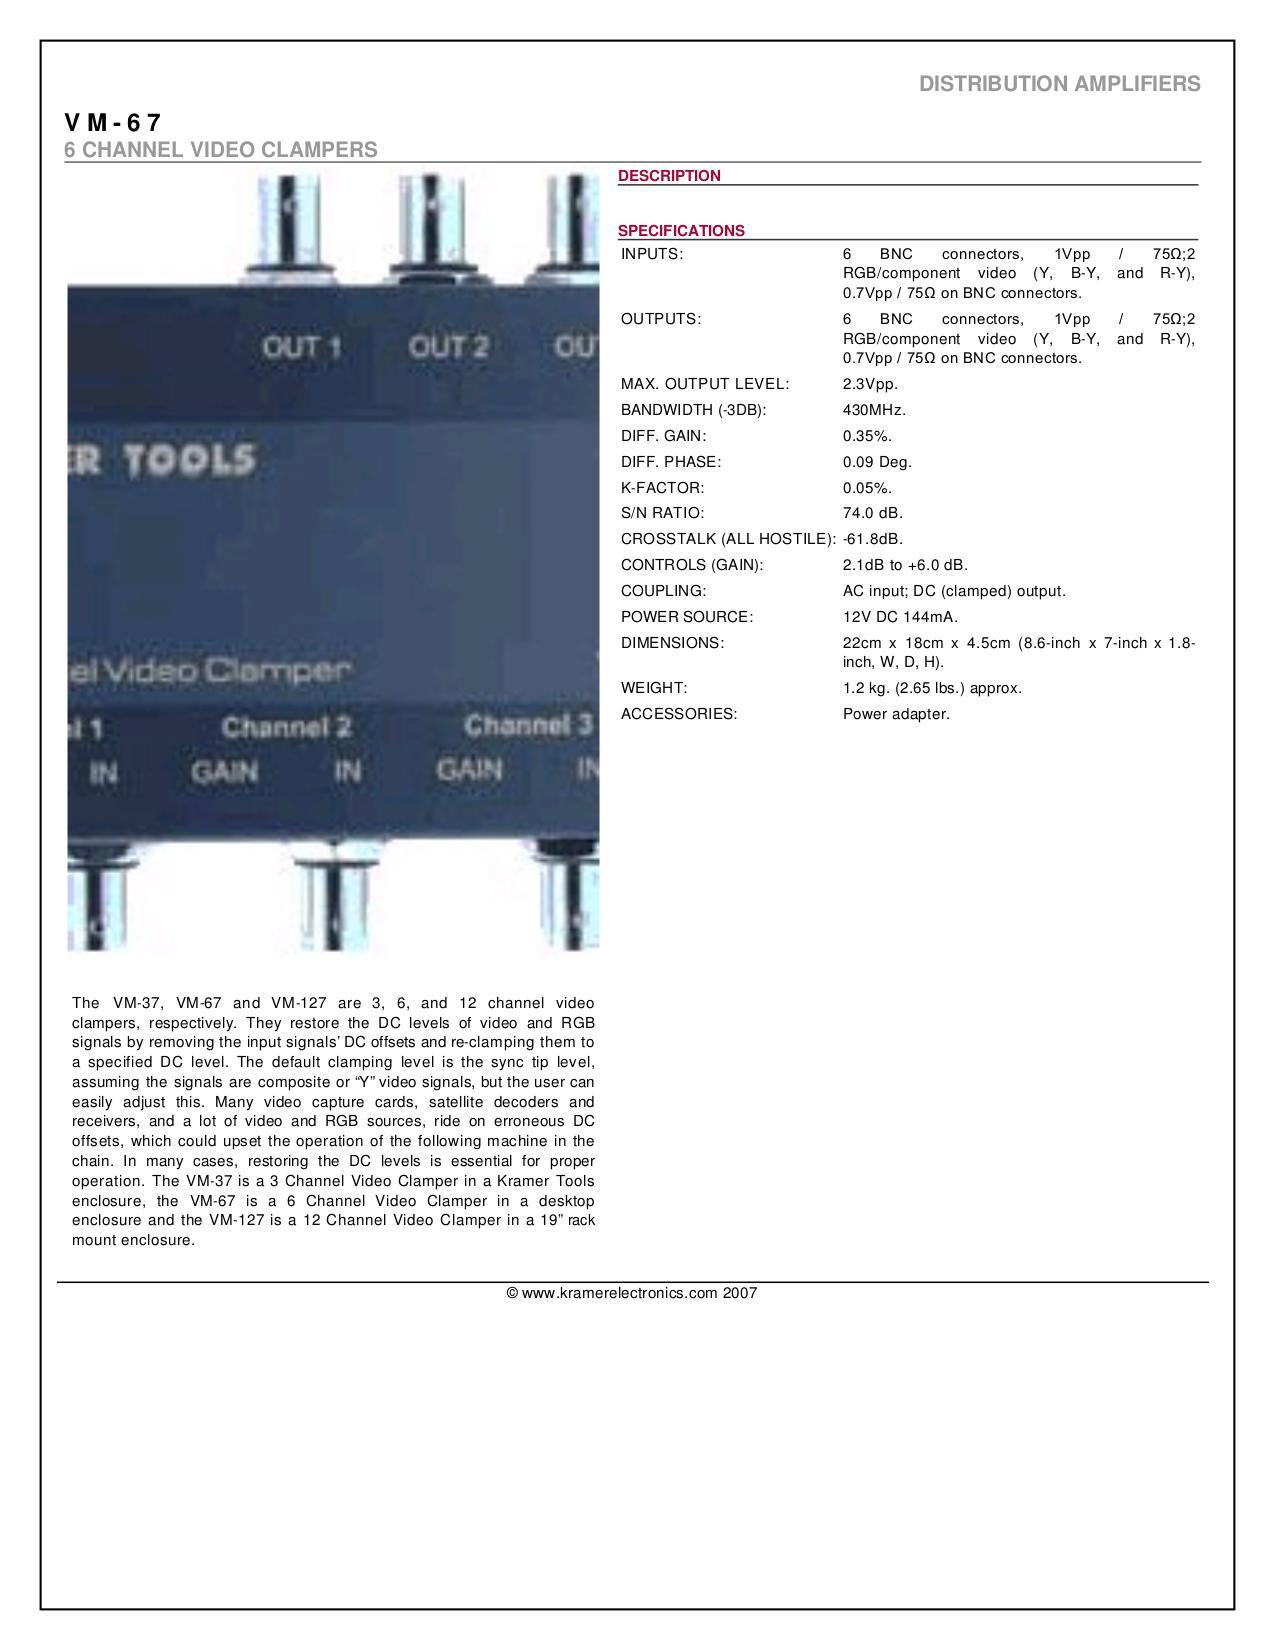 pdf for Kramer Other VM-67 Video Clampers manual